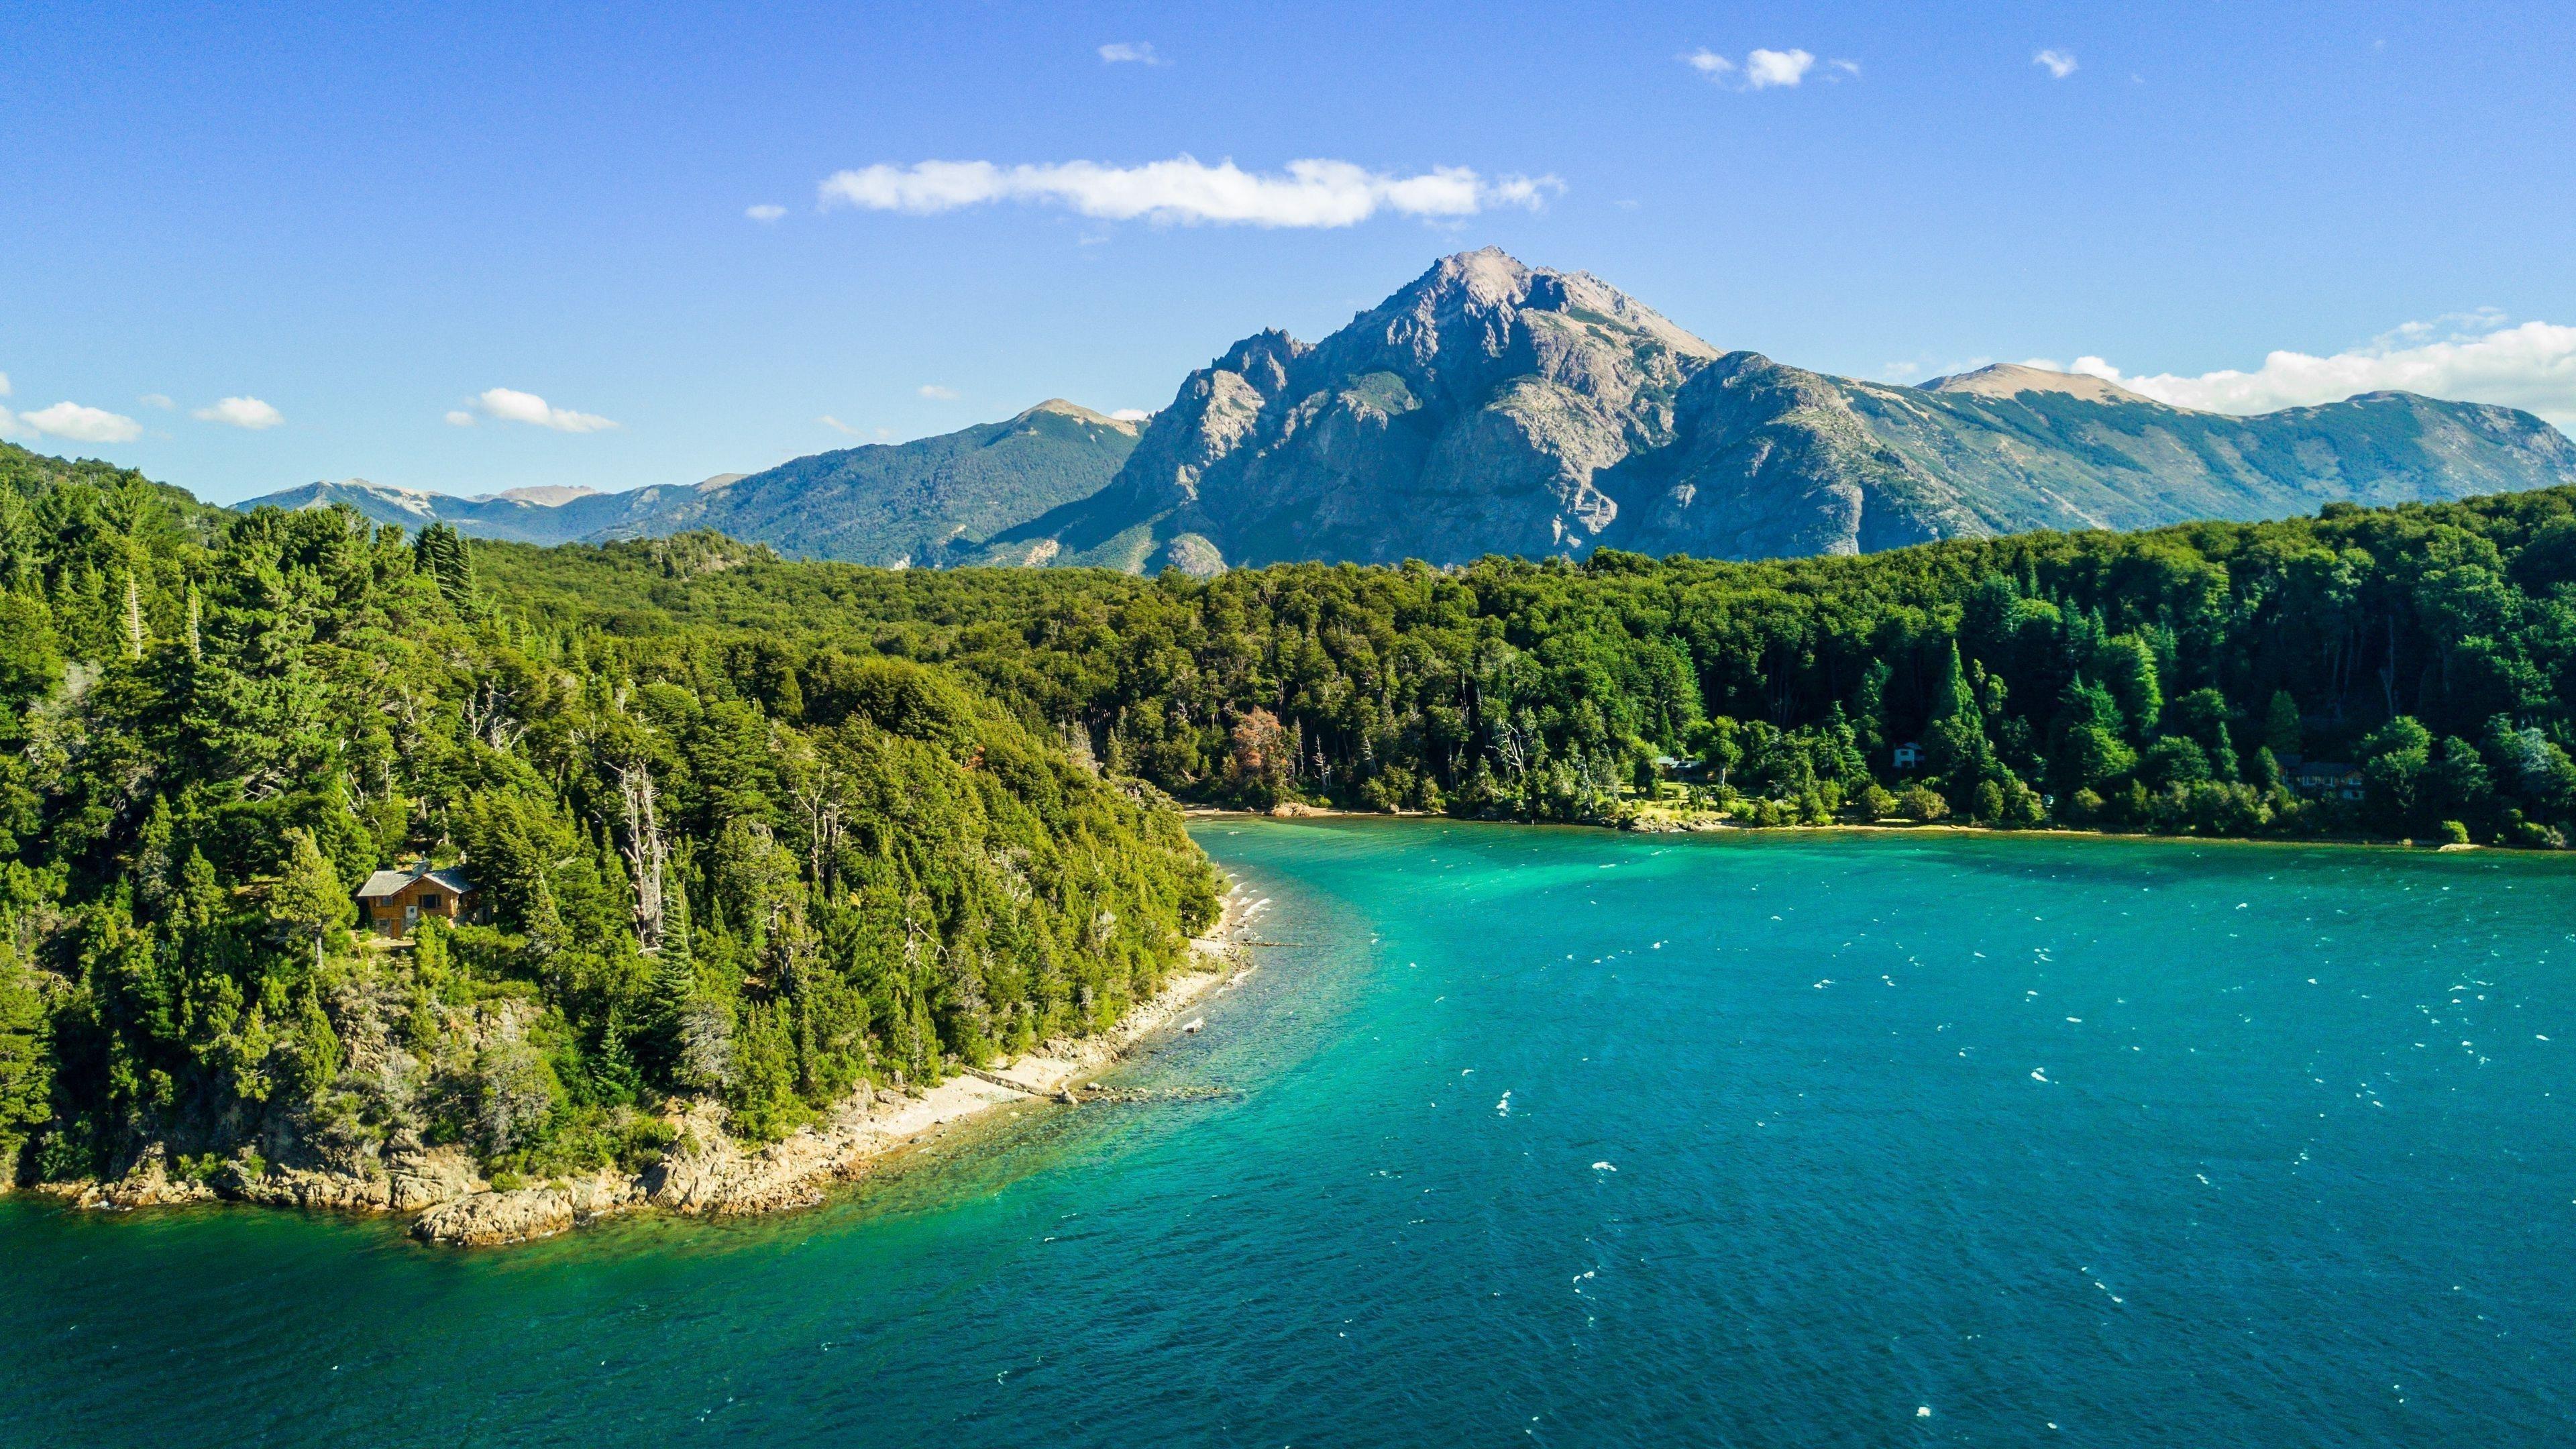 Вид с высоты птичьего полета на реку между зелеными деревьями покрытый лесом и пейзажем вид на горы под голубым небом природа обои скачать